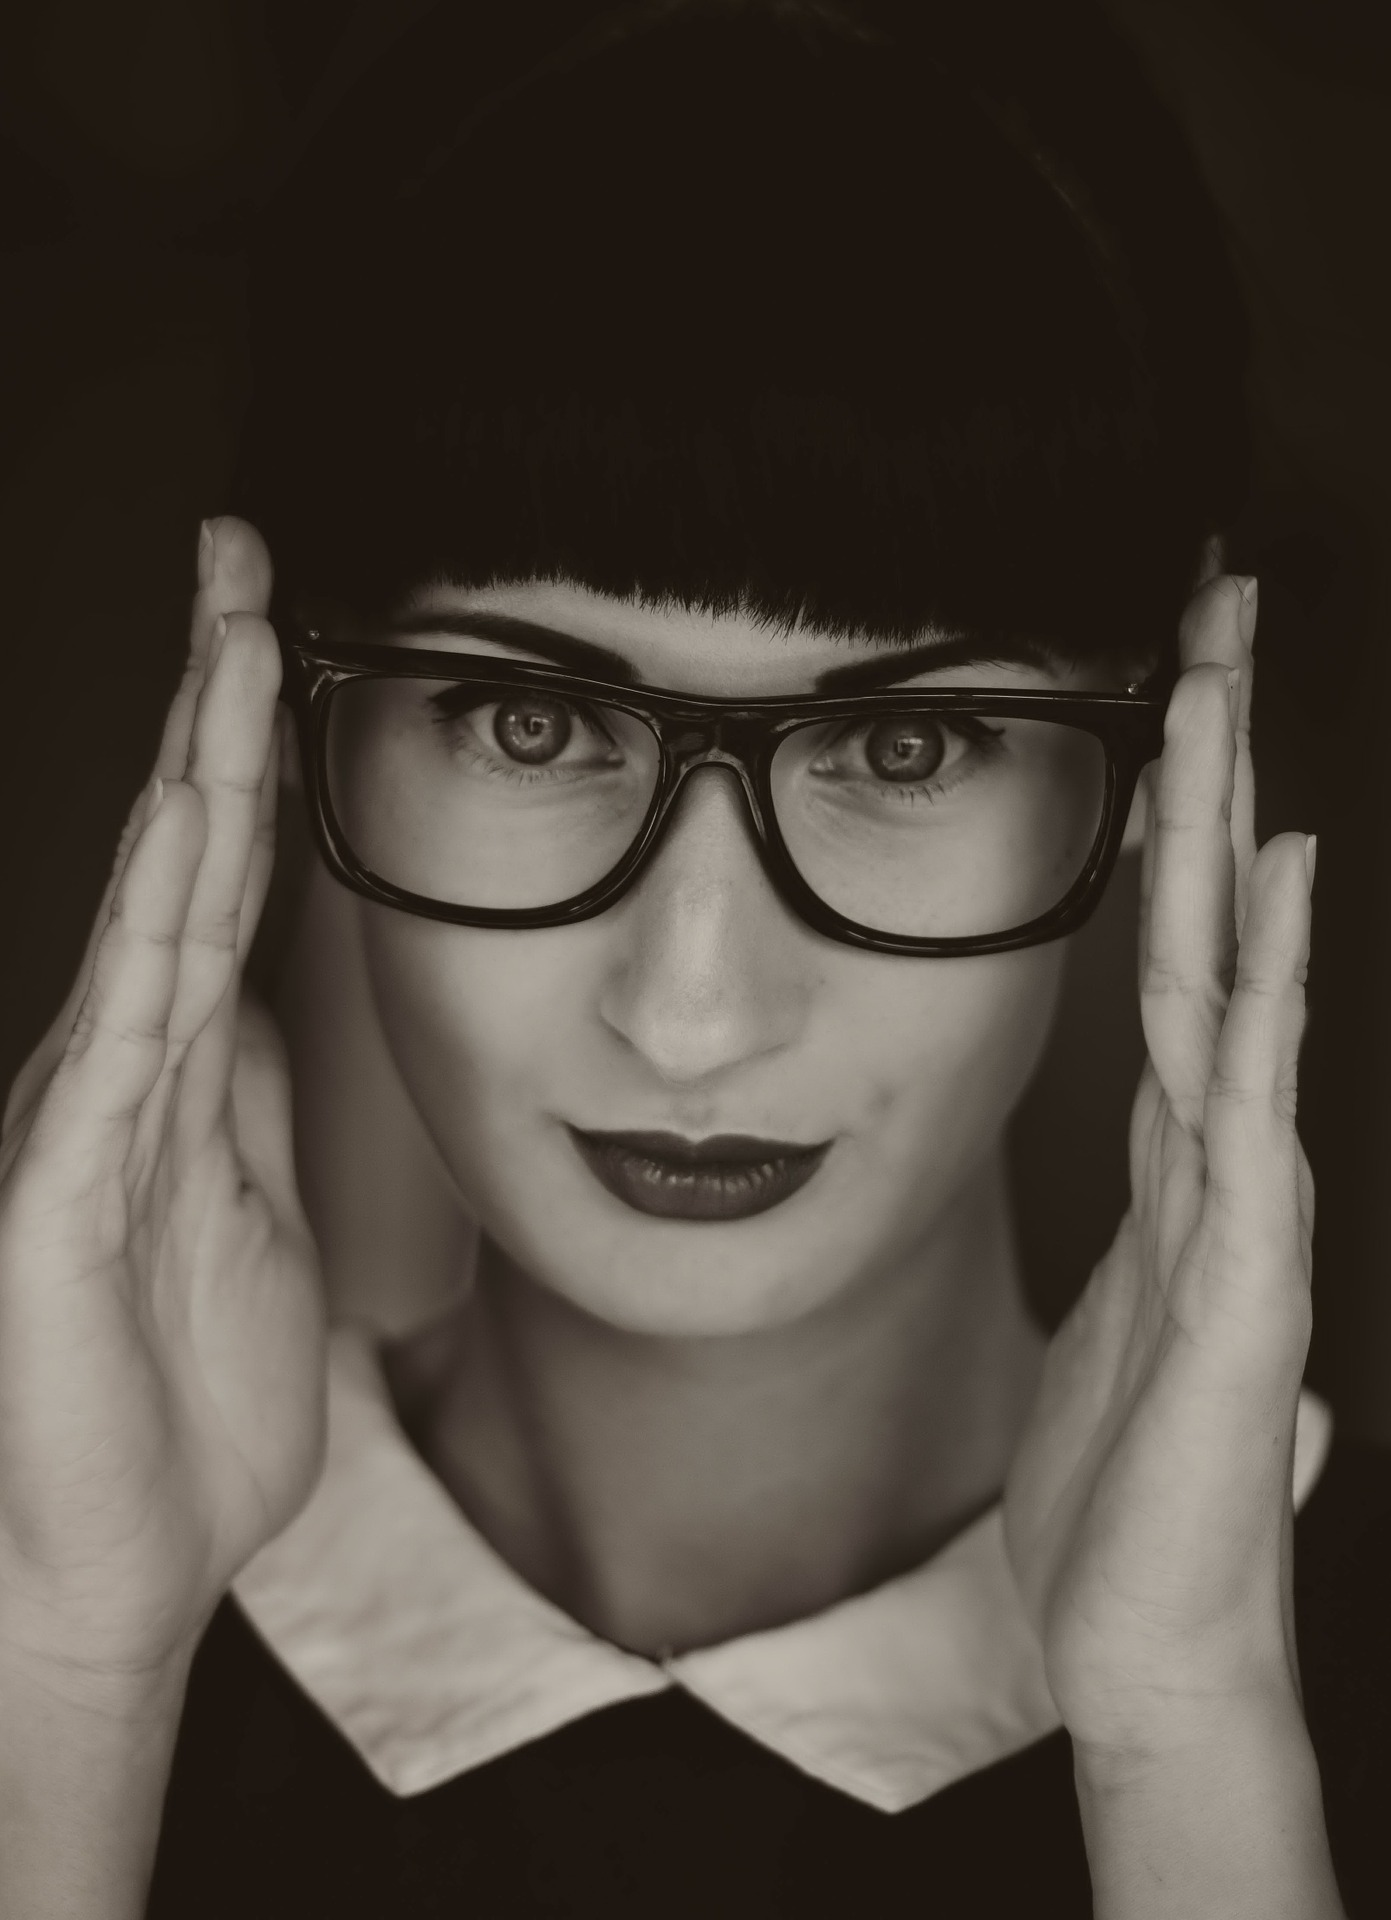 Se maquiller quand on porte des lunettes c'est facile